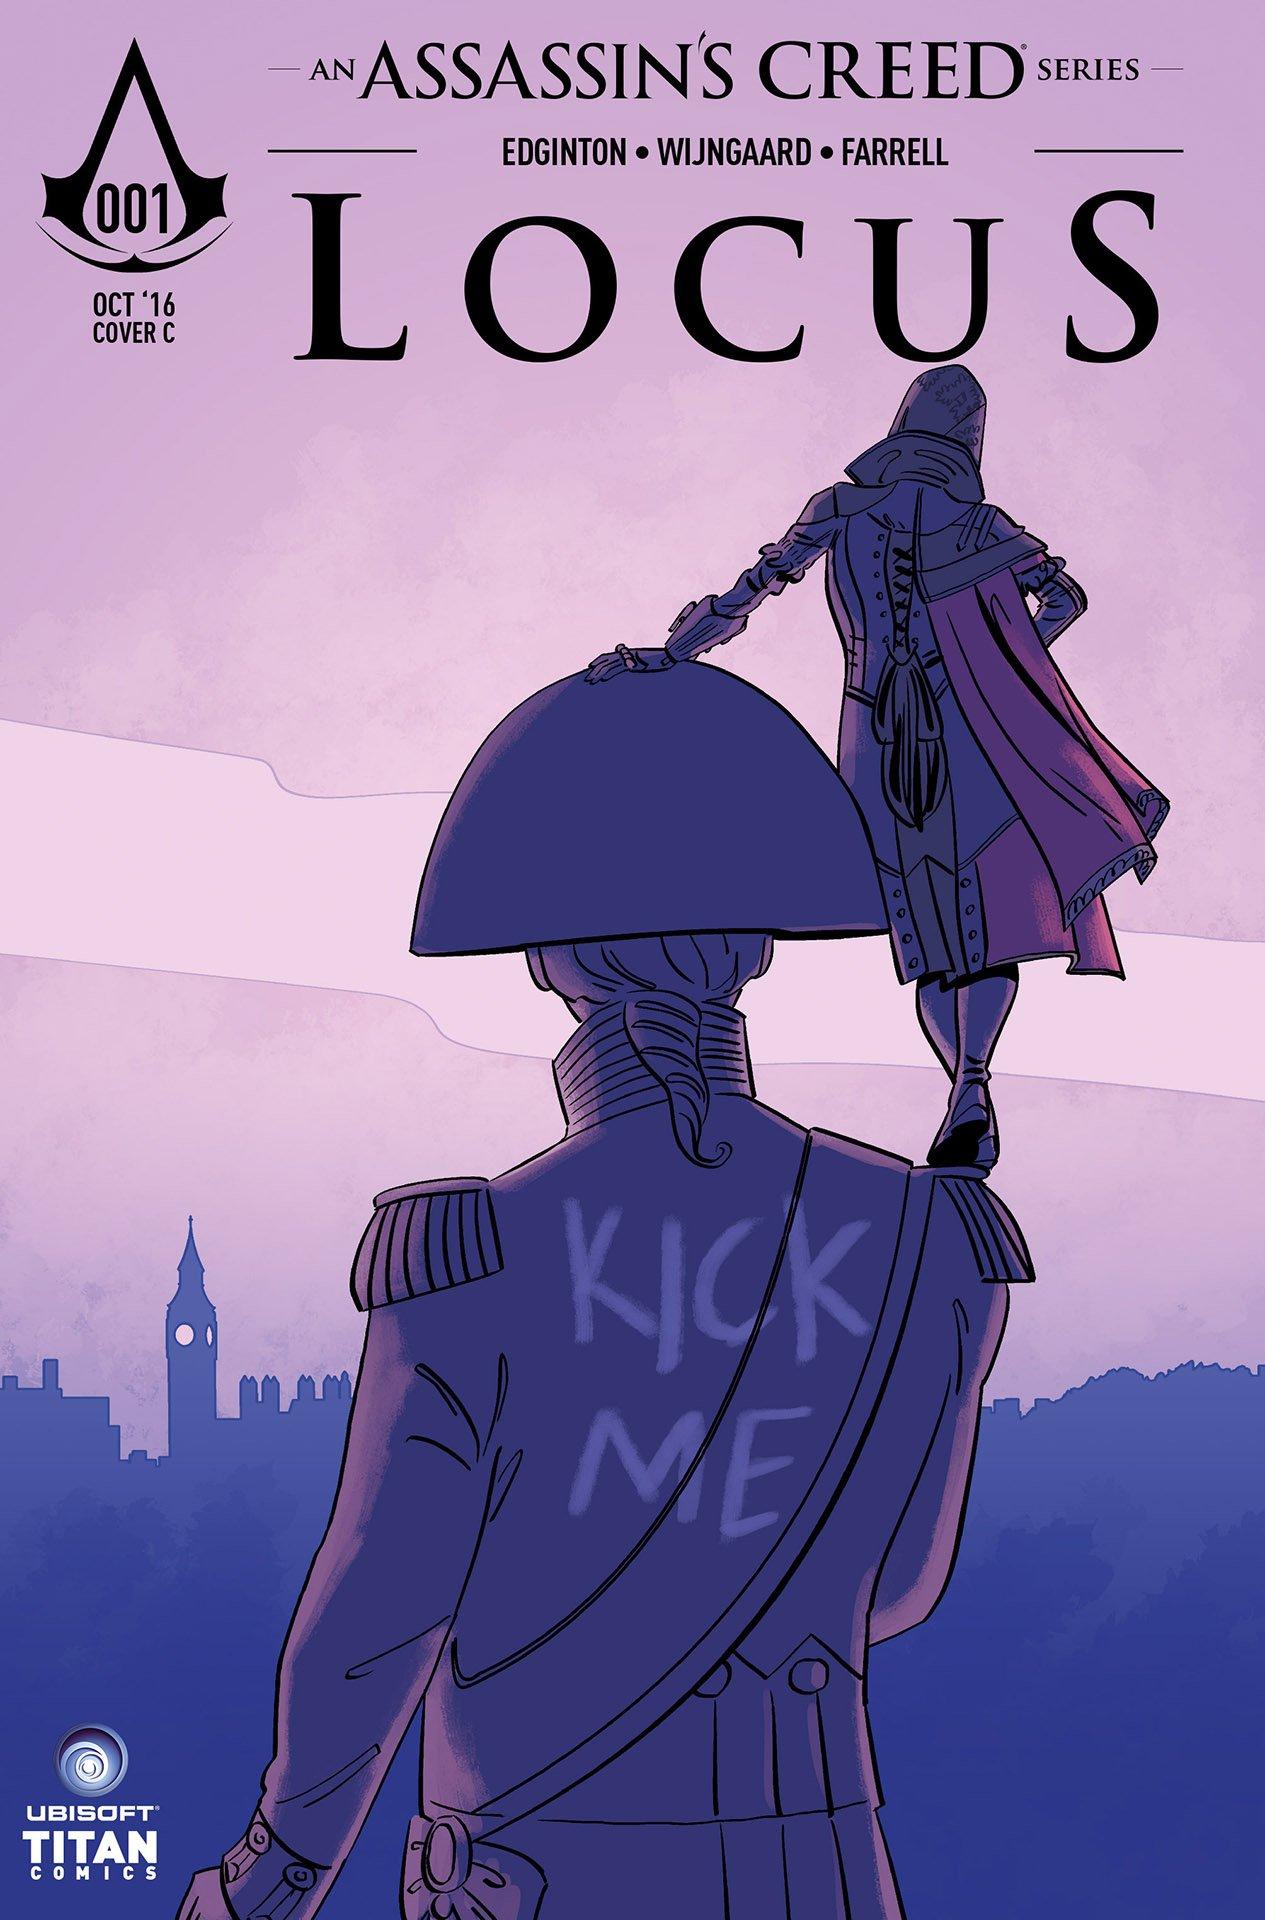 Assassin's Creed: Locus 01 (cover c) (October 2016)